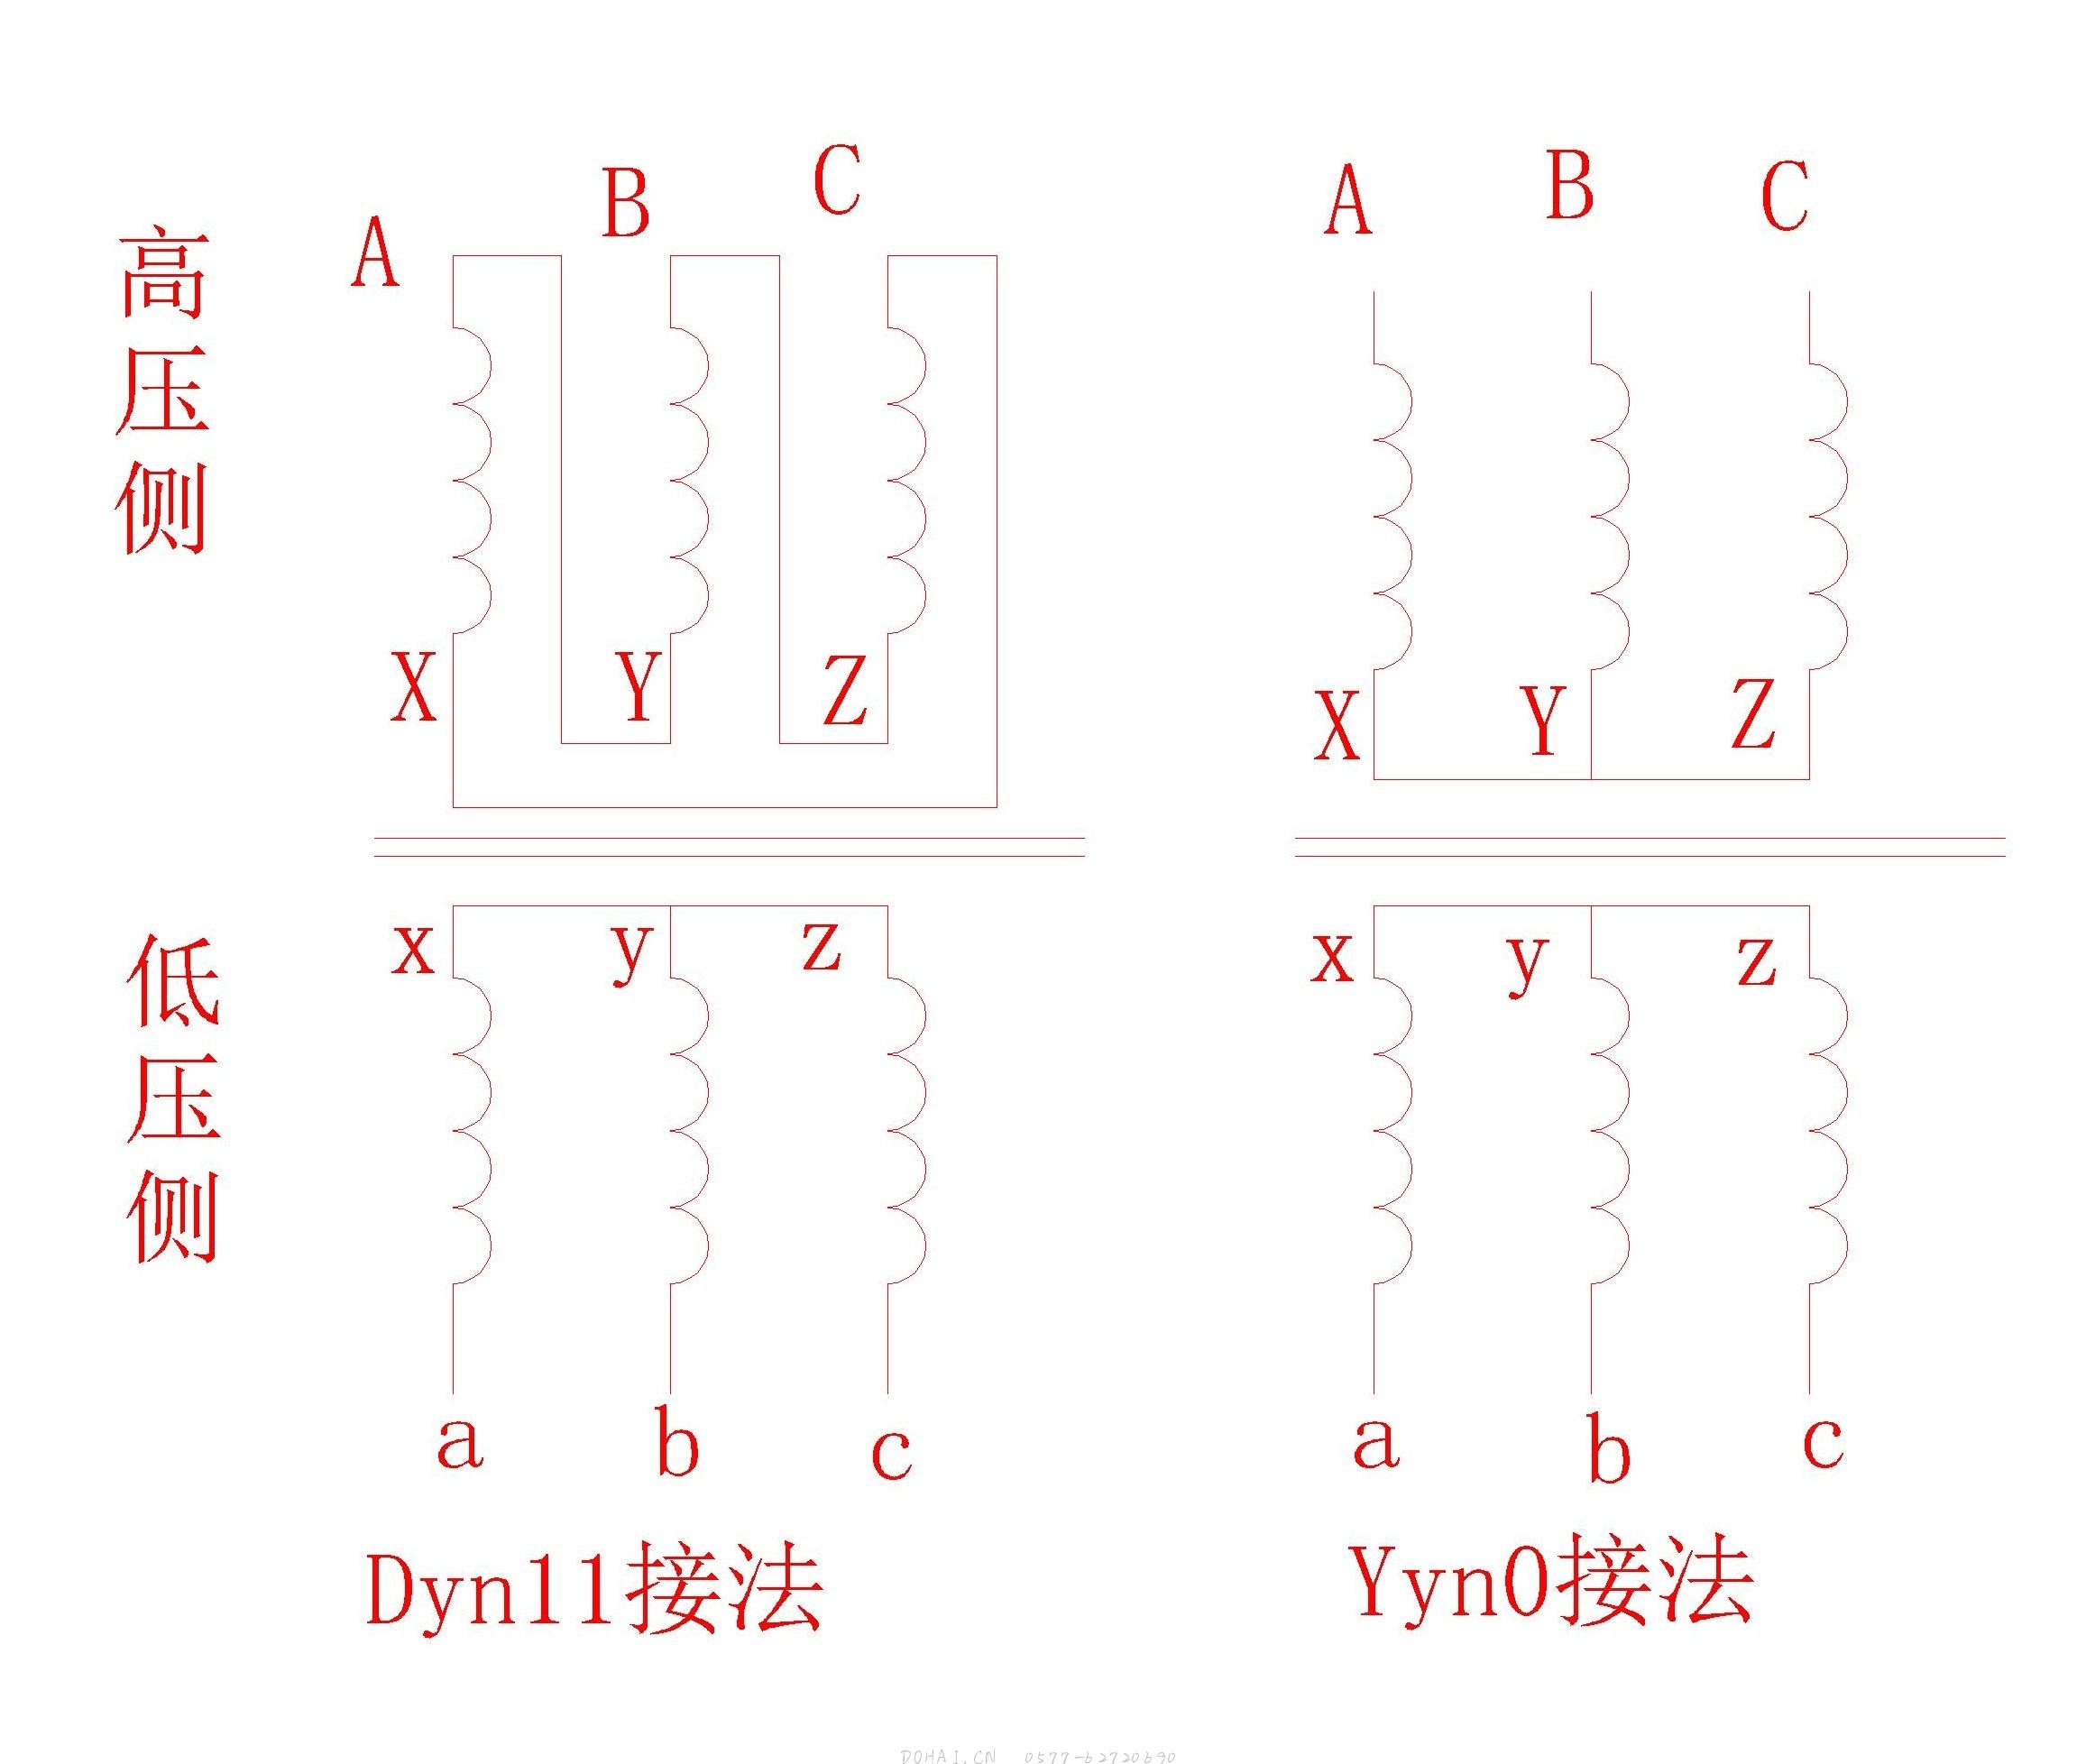 变压器接线Dyn11和Yyn0的区别比较和选择